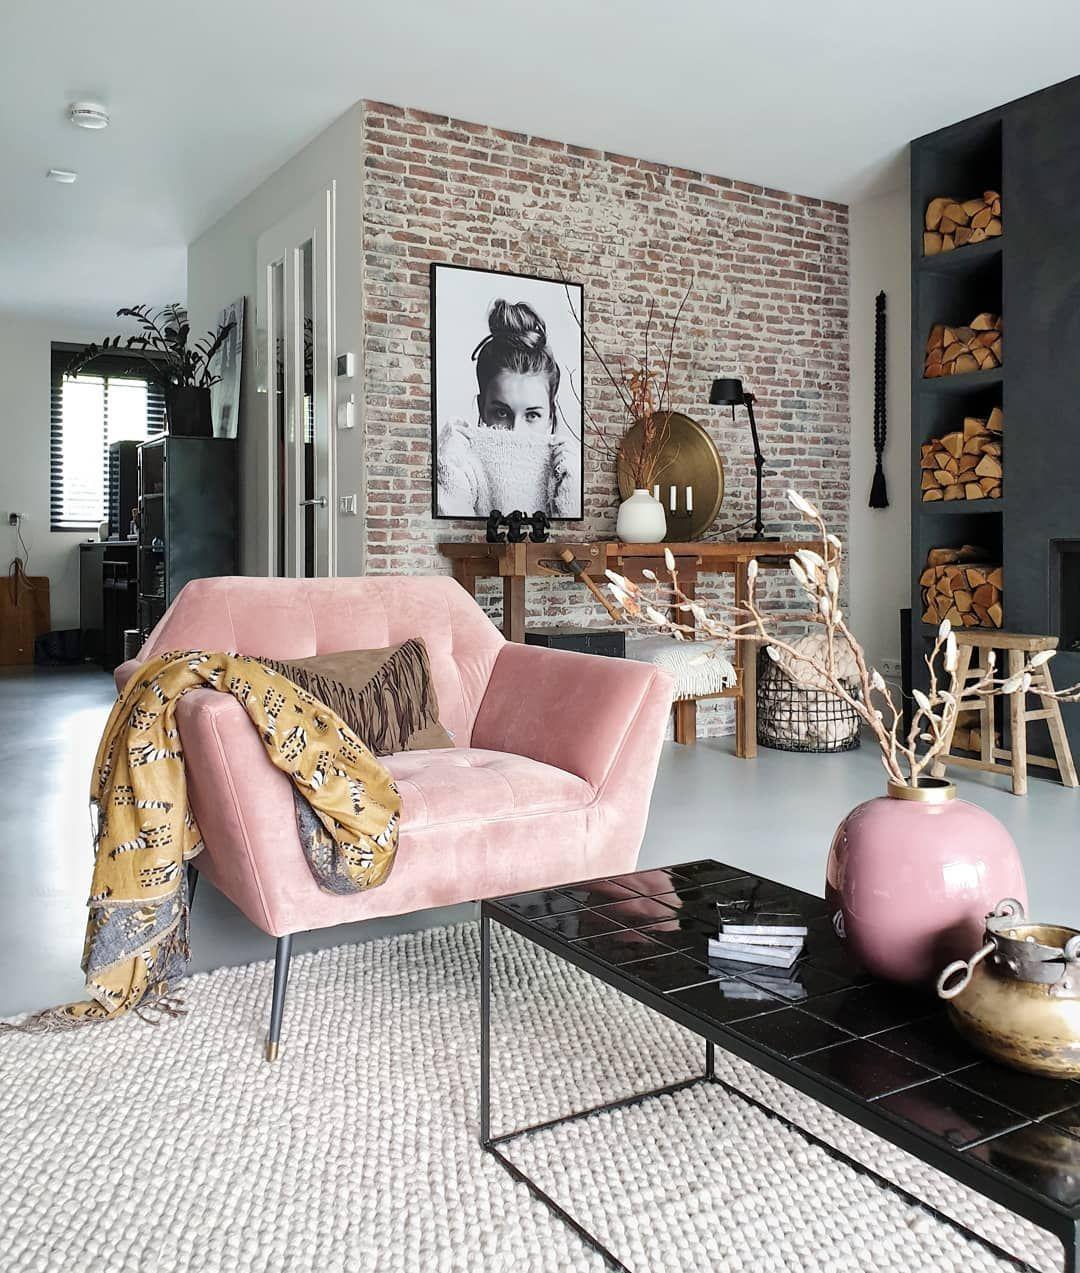 Judith On Instagram Gooooooodmorning Kanonne Hebben Jullie M N Stories Gisteren Gezien Met Die Pink Living Room Living Room Interior House Interior Inspire me home decor living room gif